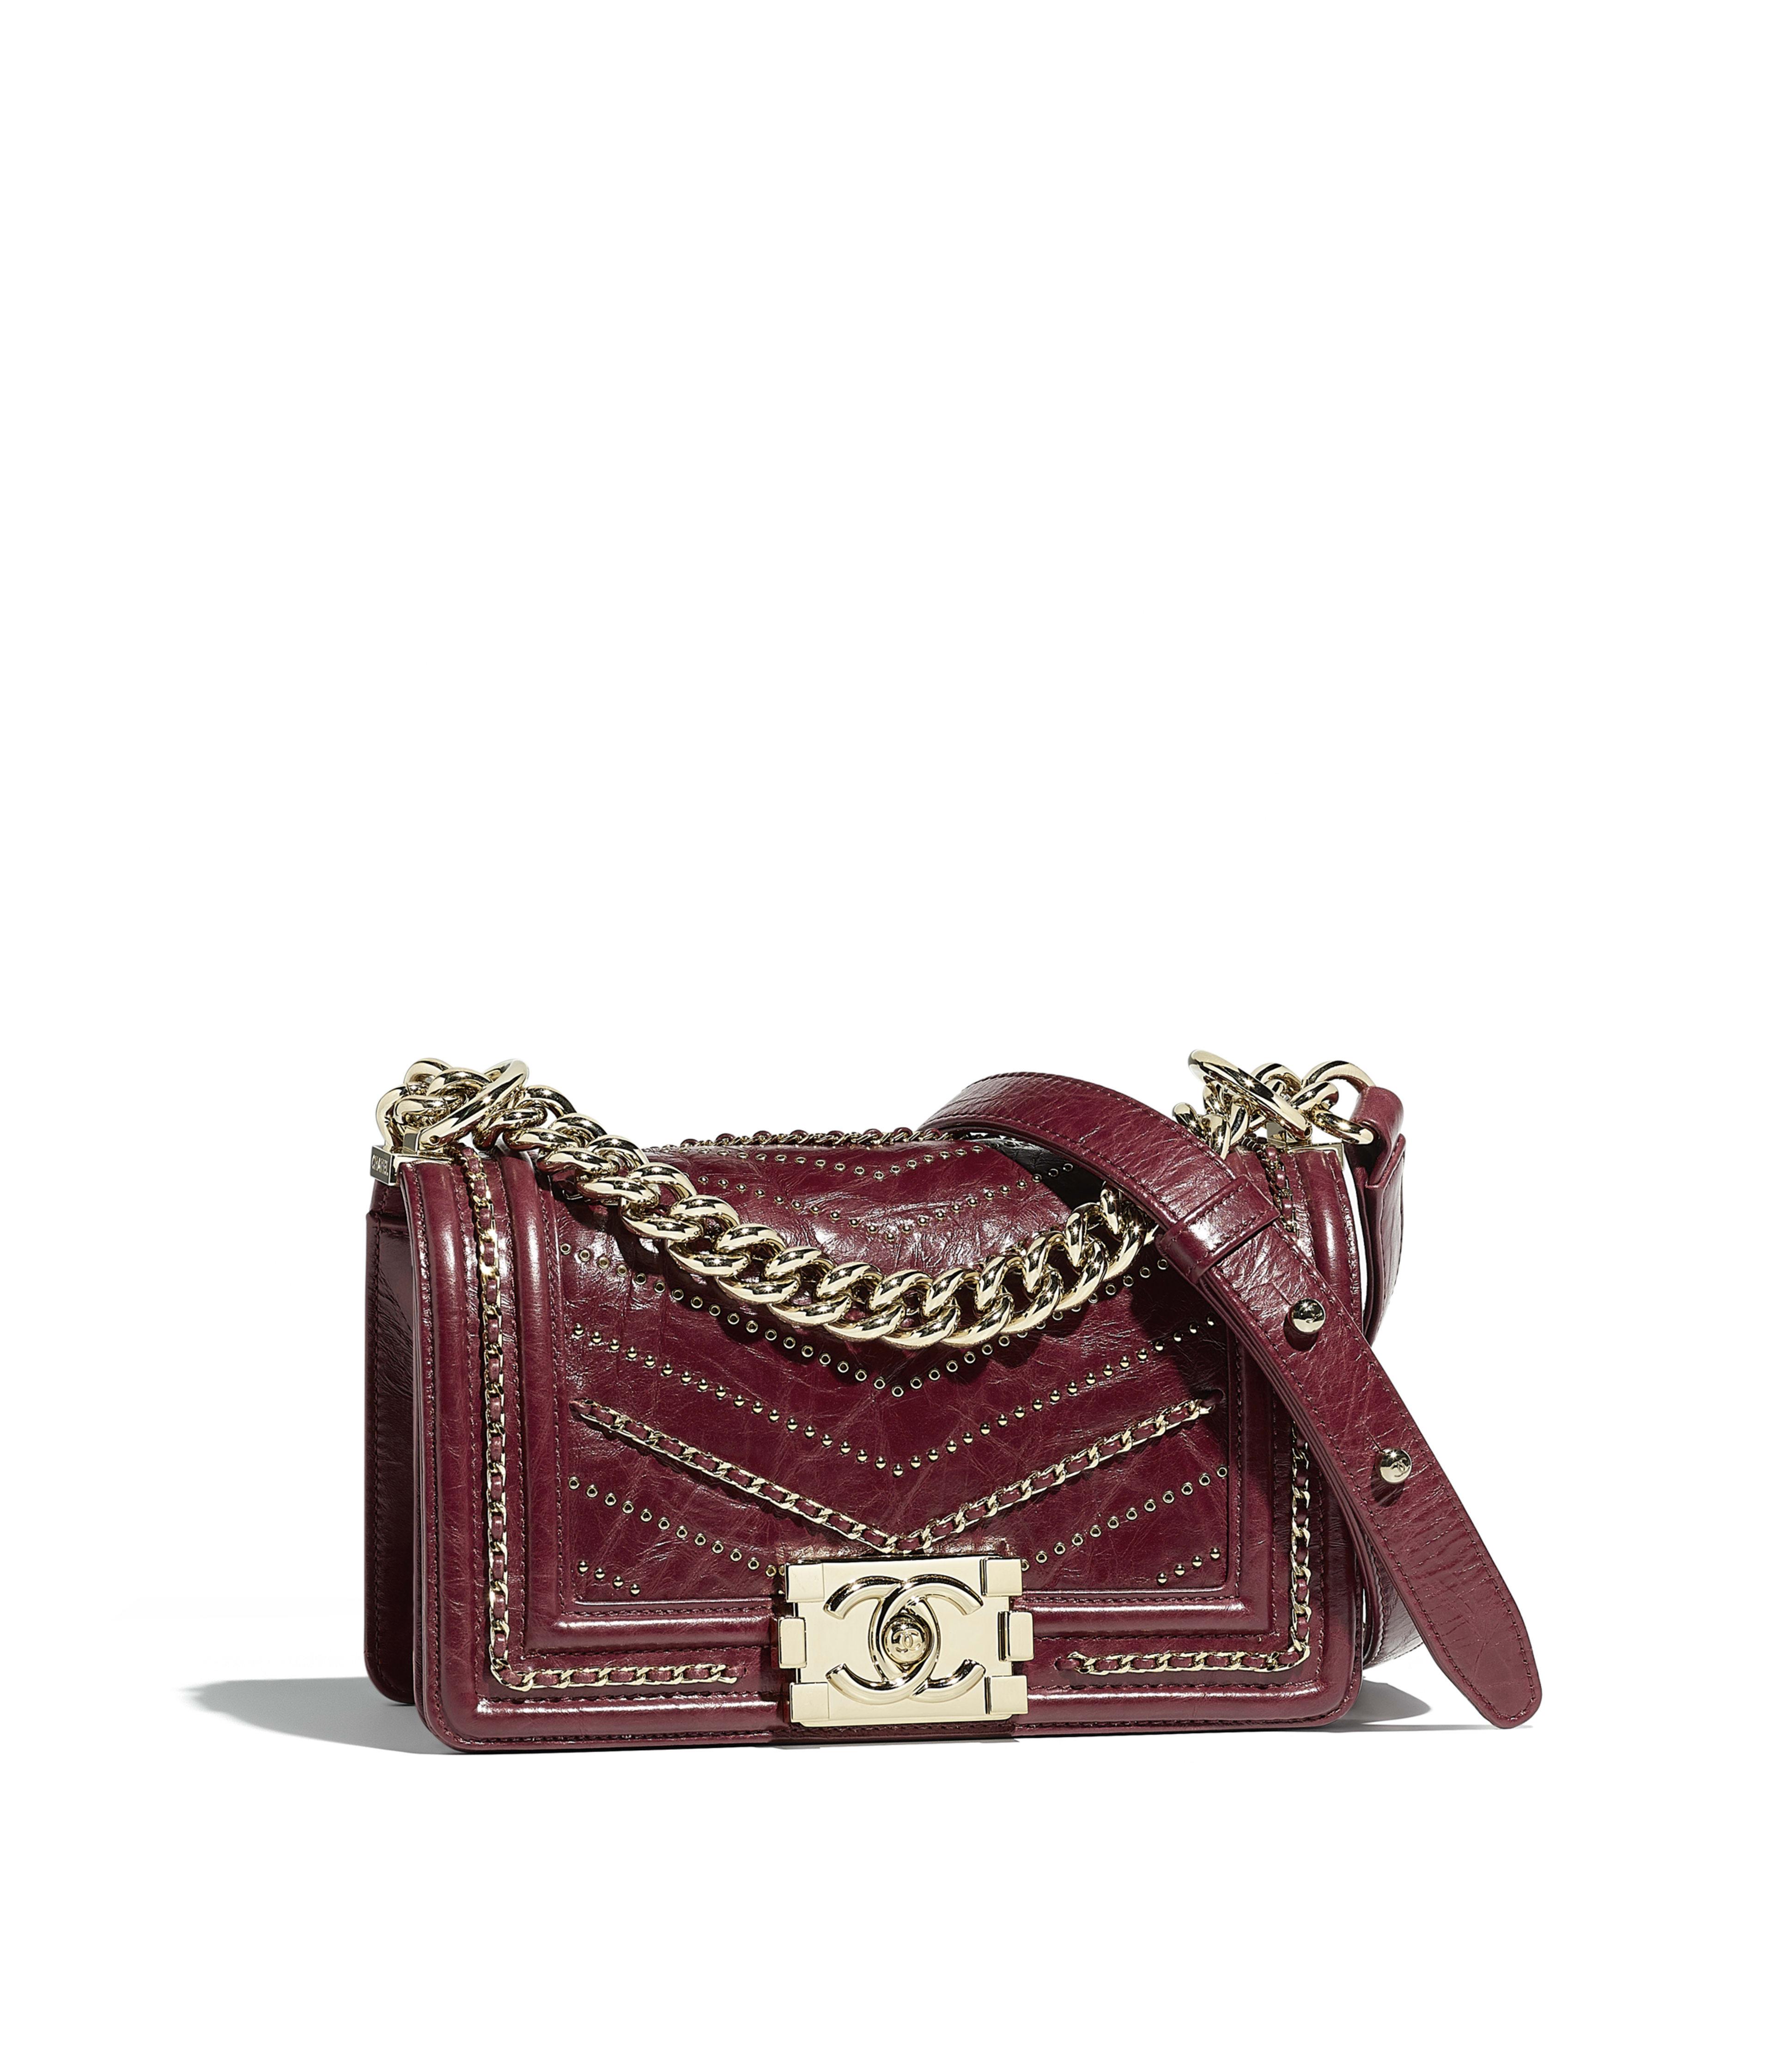 Small BOY CHANEL Handbag Crumpled Calfskin   Gold-Tone Metal, Red Ref.  A67085Y839675B549 89daa7dc17